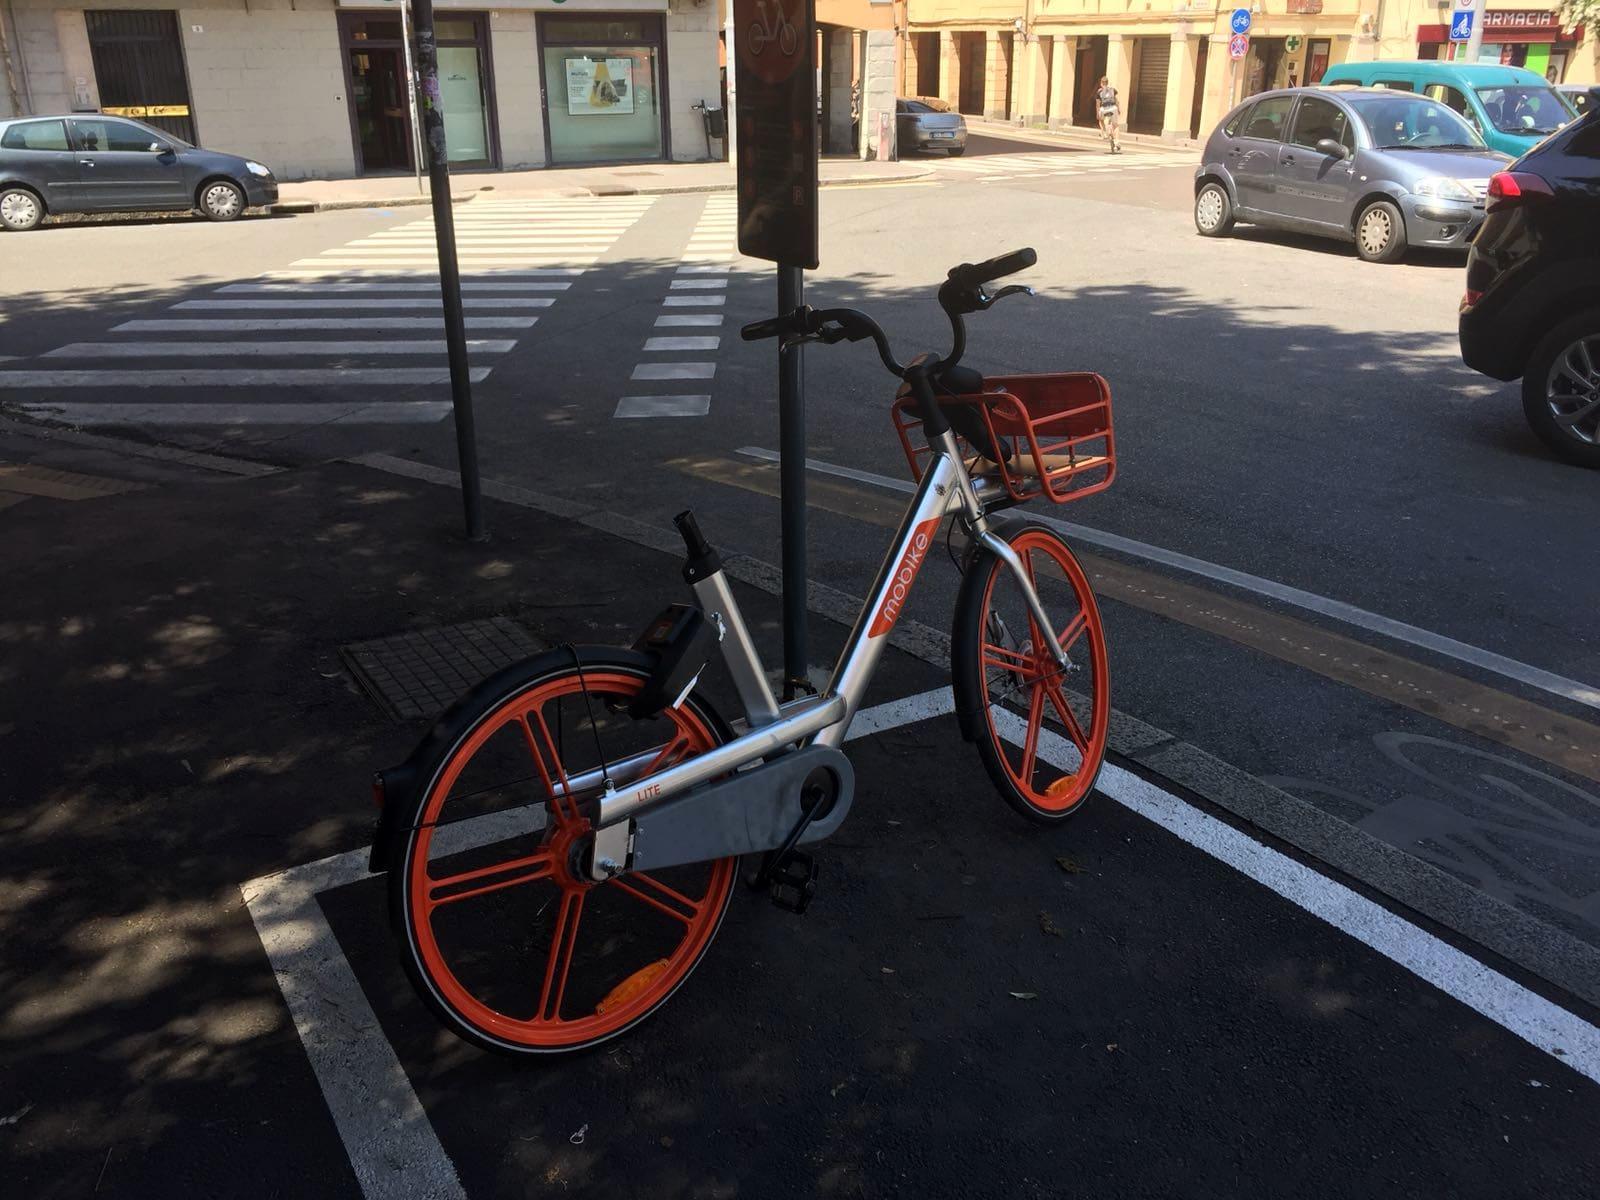 Mobike A Bologna Incendi Danni E Scorrettezze Con Le Bici Condivise